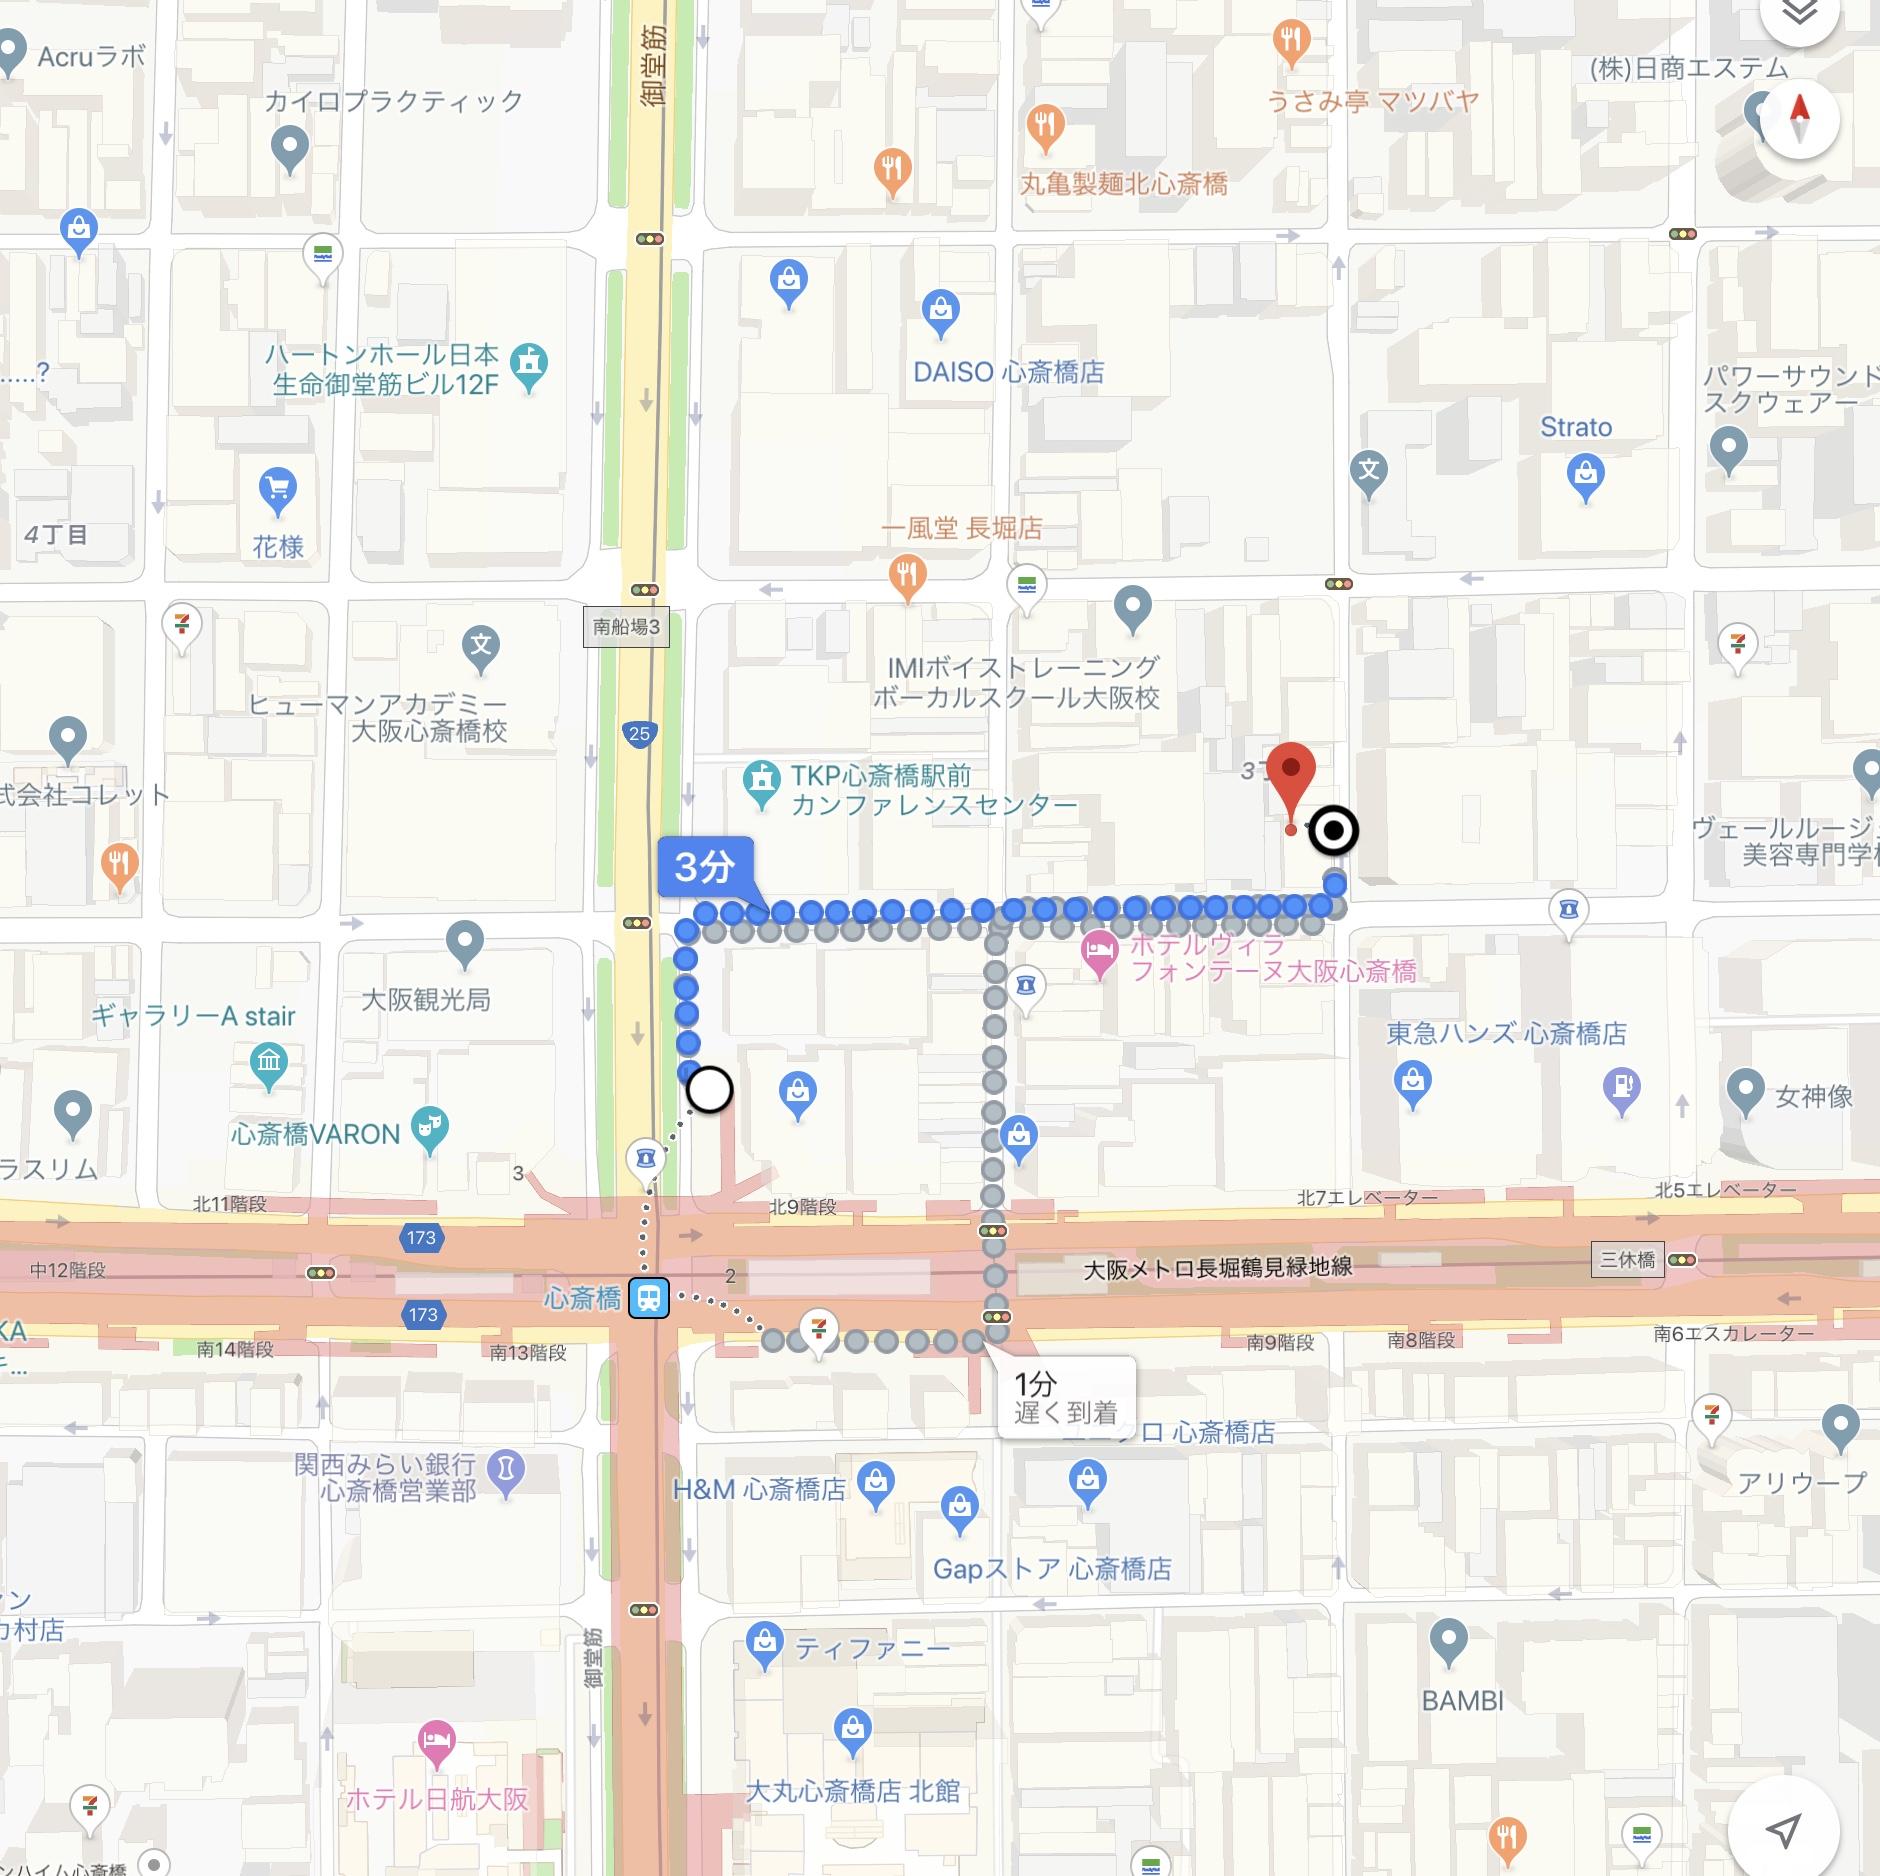 ブラデリス ニューヨーク心斎橋店への経路マップ